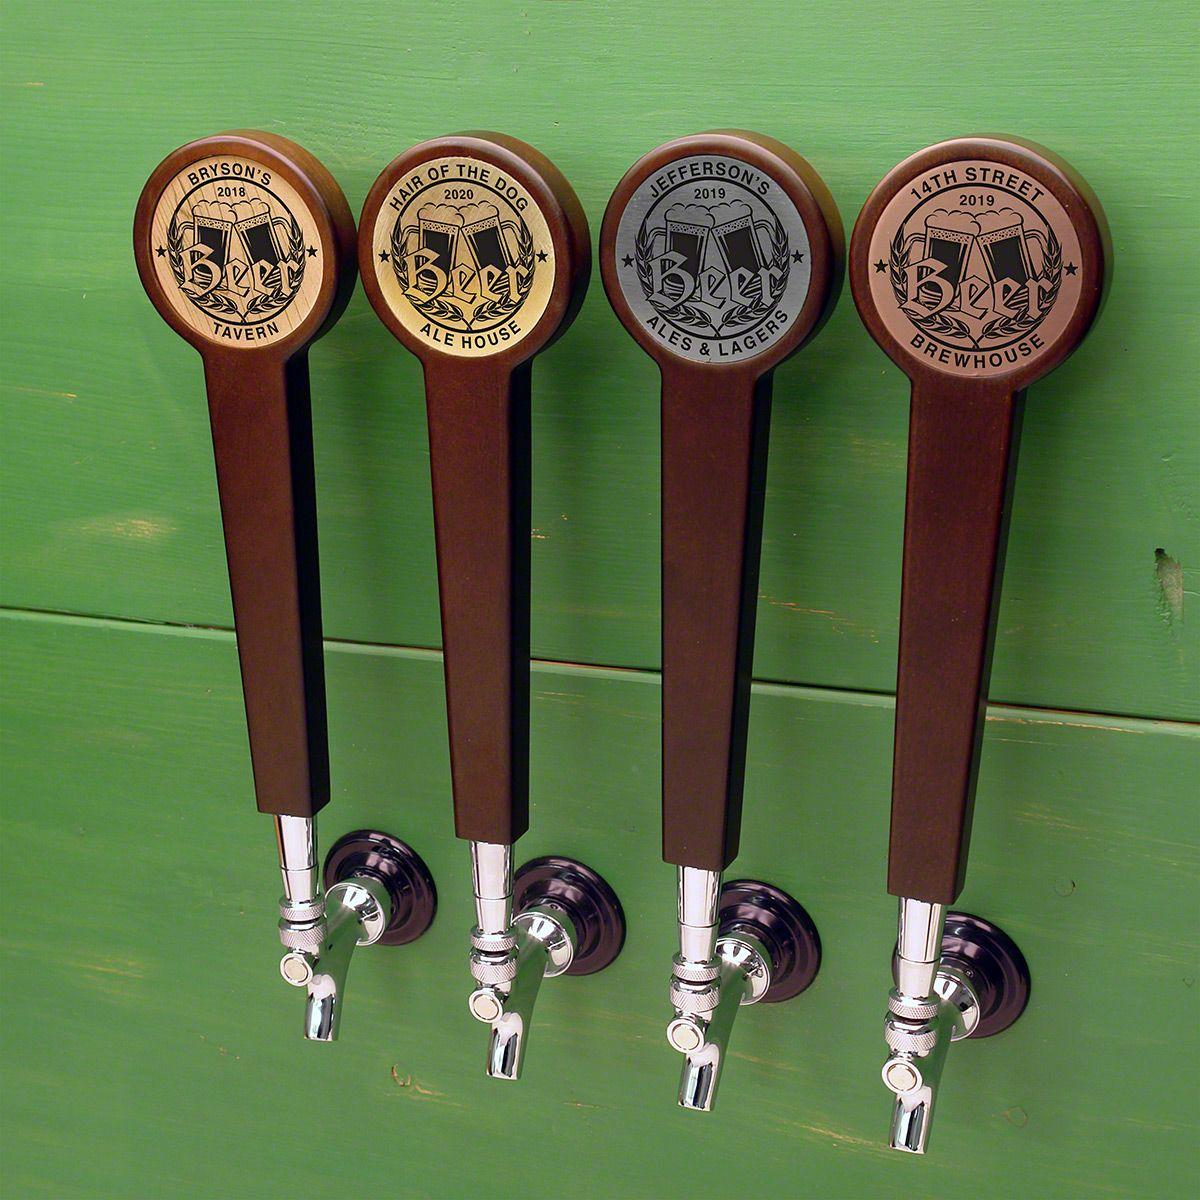 Bierhaus Custom Beer Tap Handle, 4 Color Options